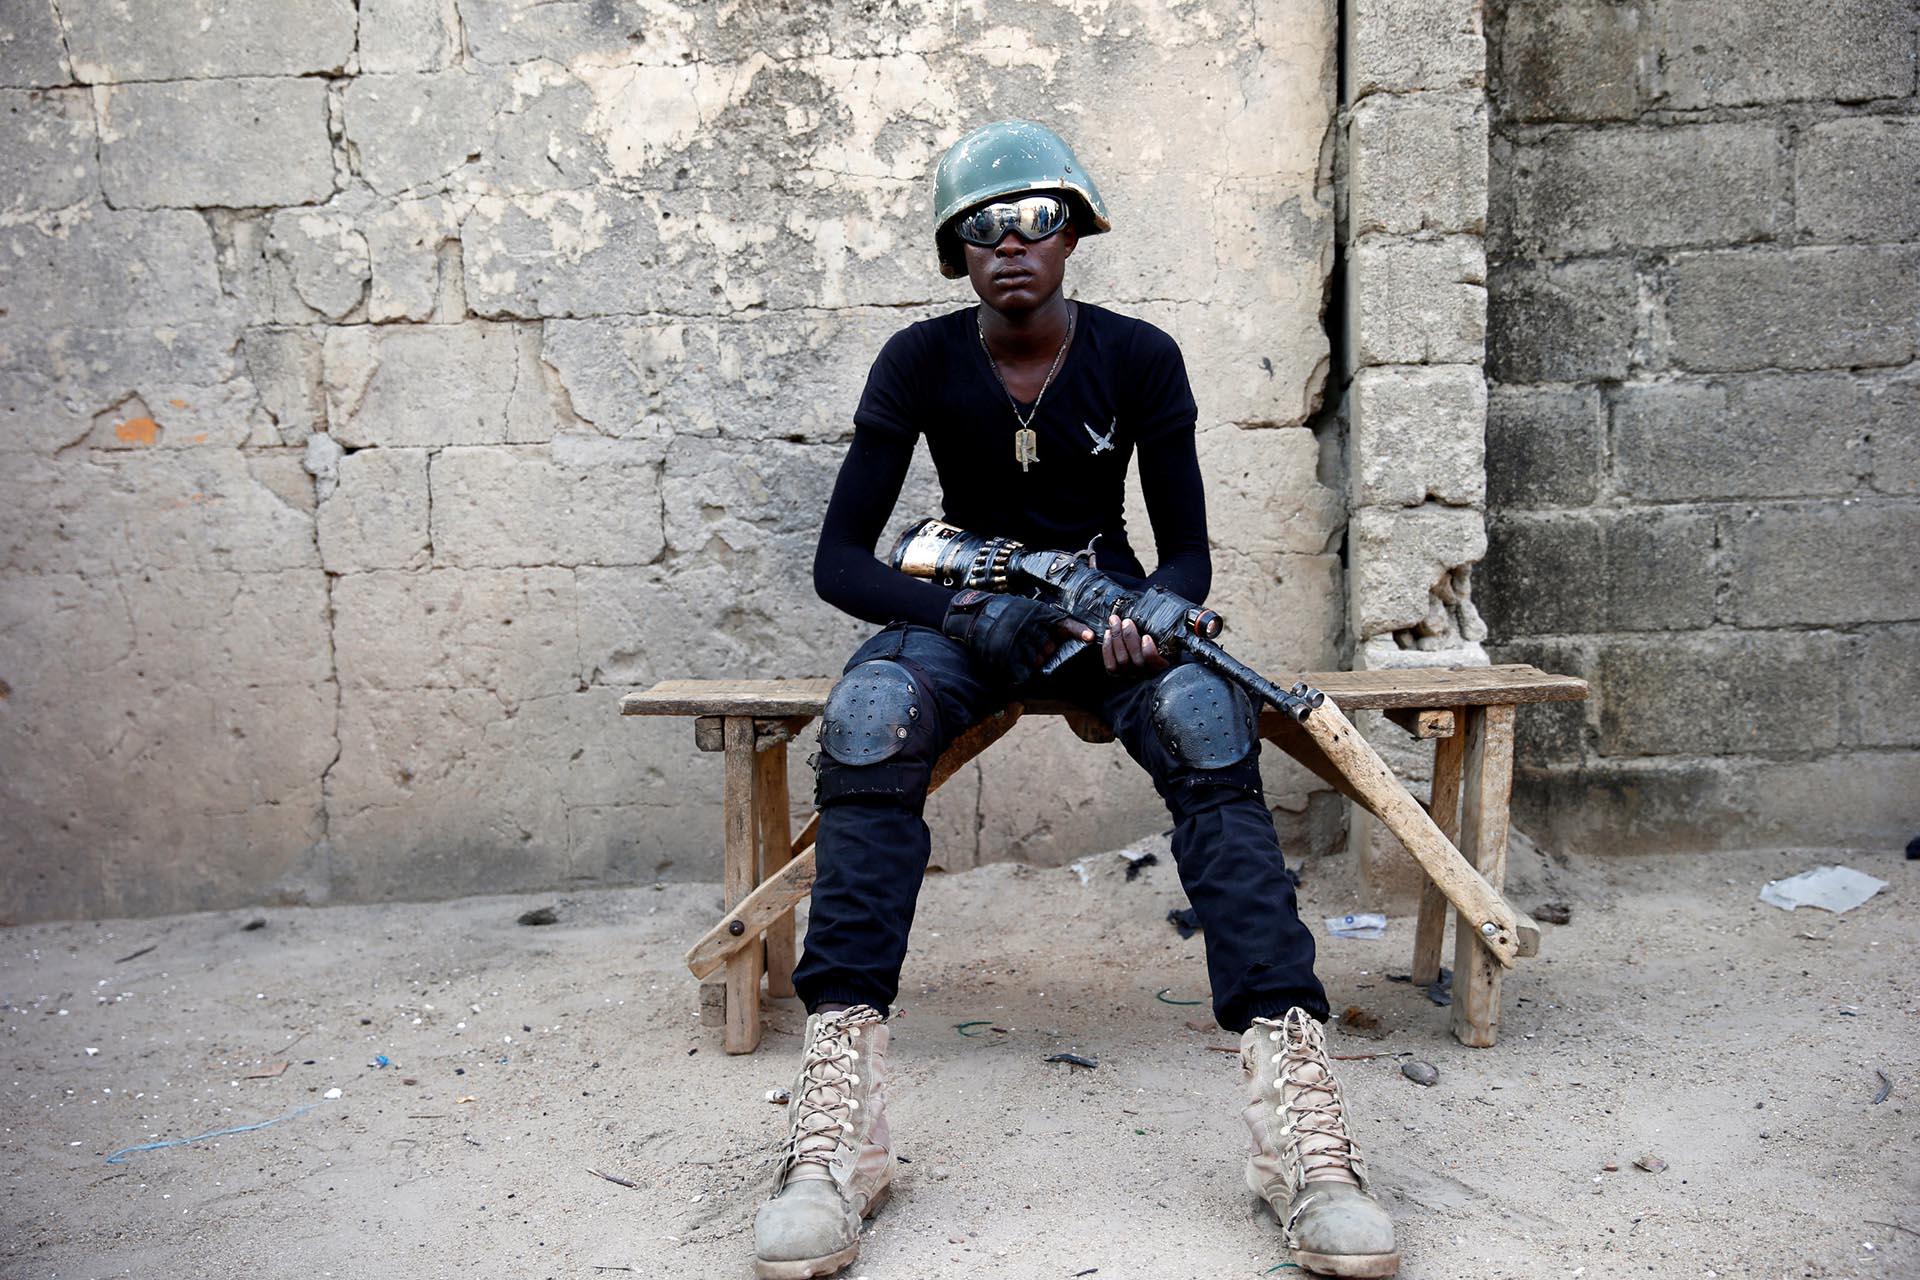 Adamu Mohammed, de 23 años, posa para una fotografía en un recinto de la ciudad de Maiduguri, al norte de Nigeria. El joven es miembro del grupo de milicias locales conocido como CJTF